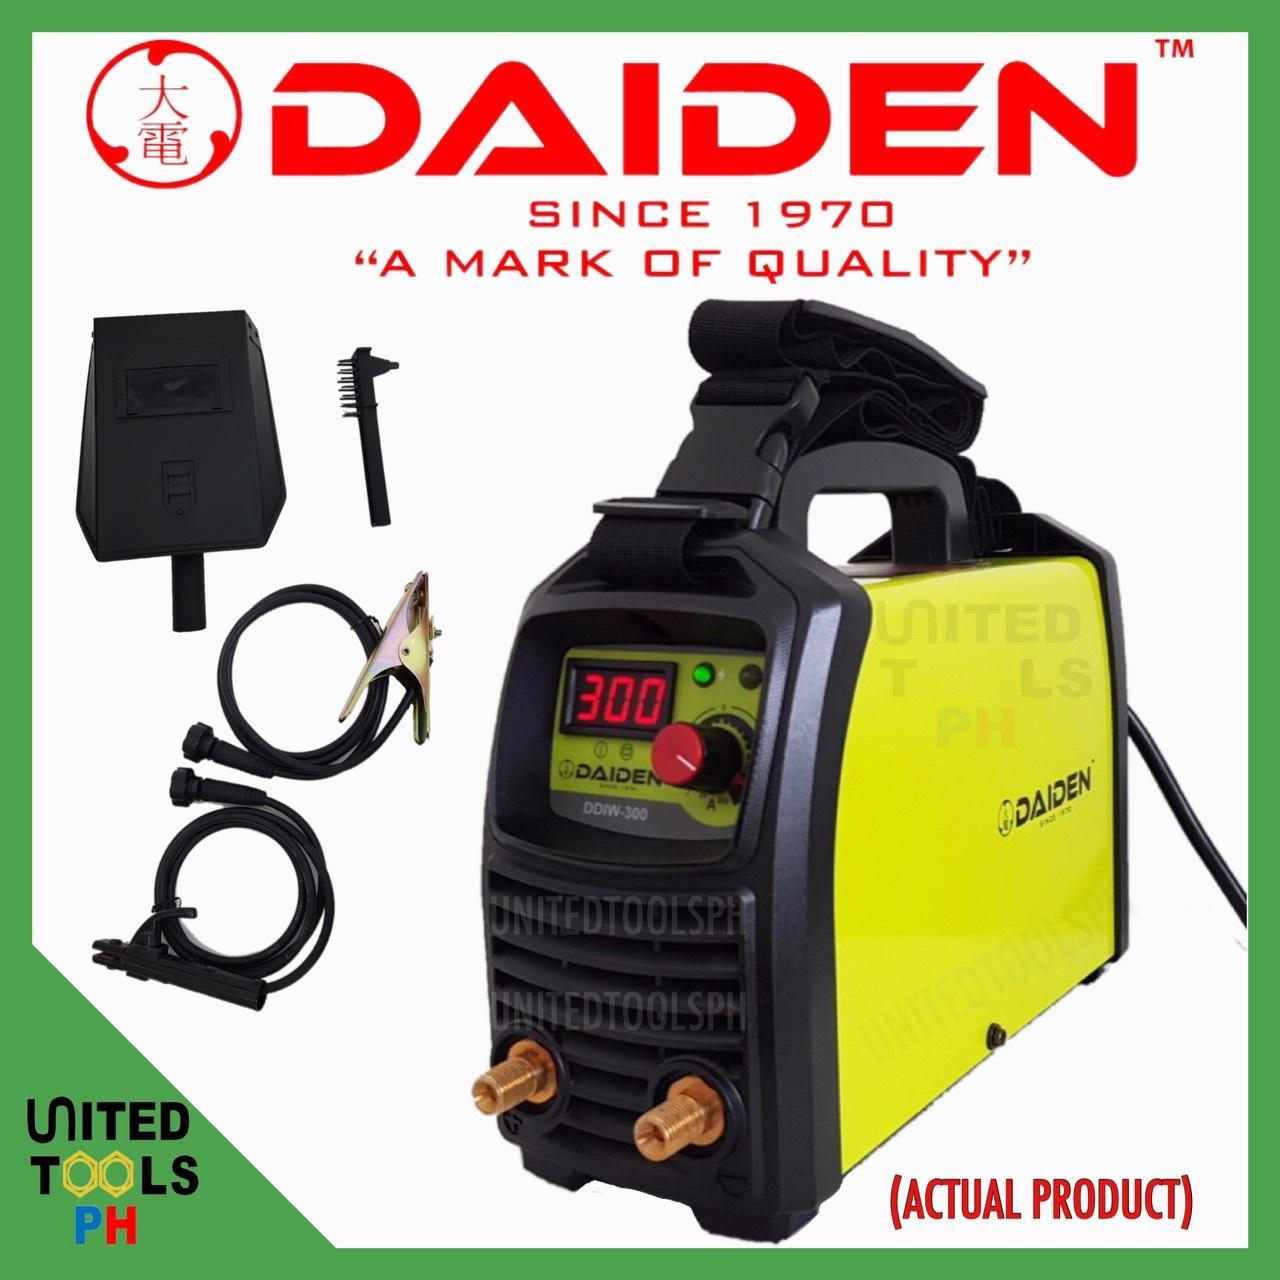 Daiden Inverter Welding Machine 300amp Lazada Ph